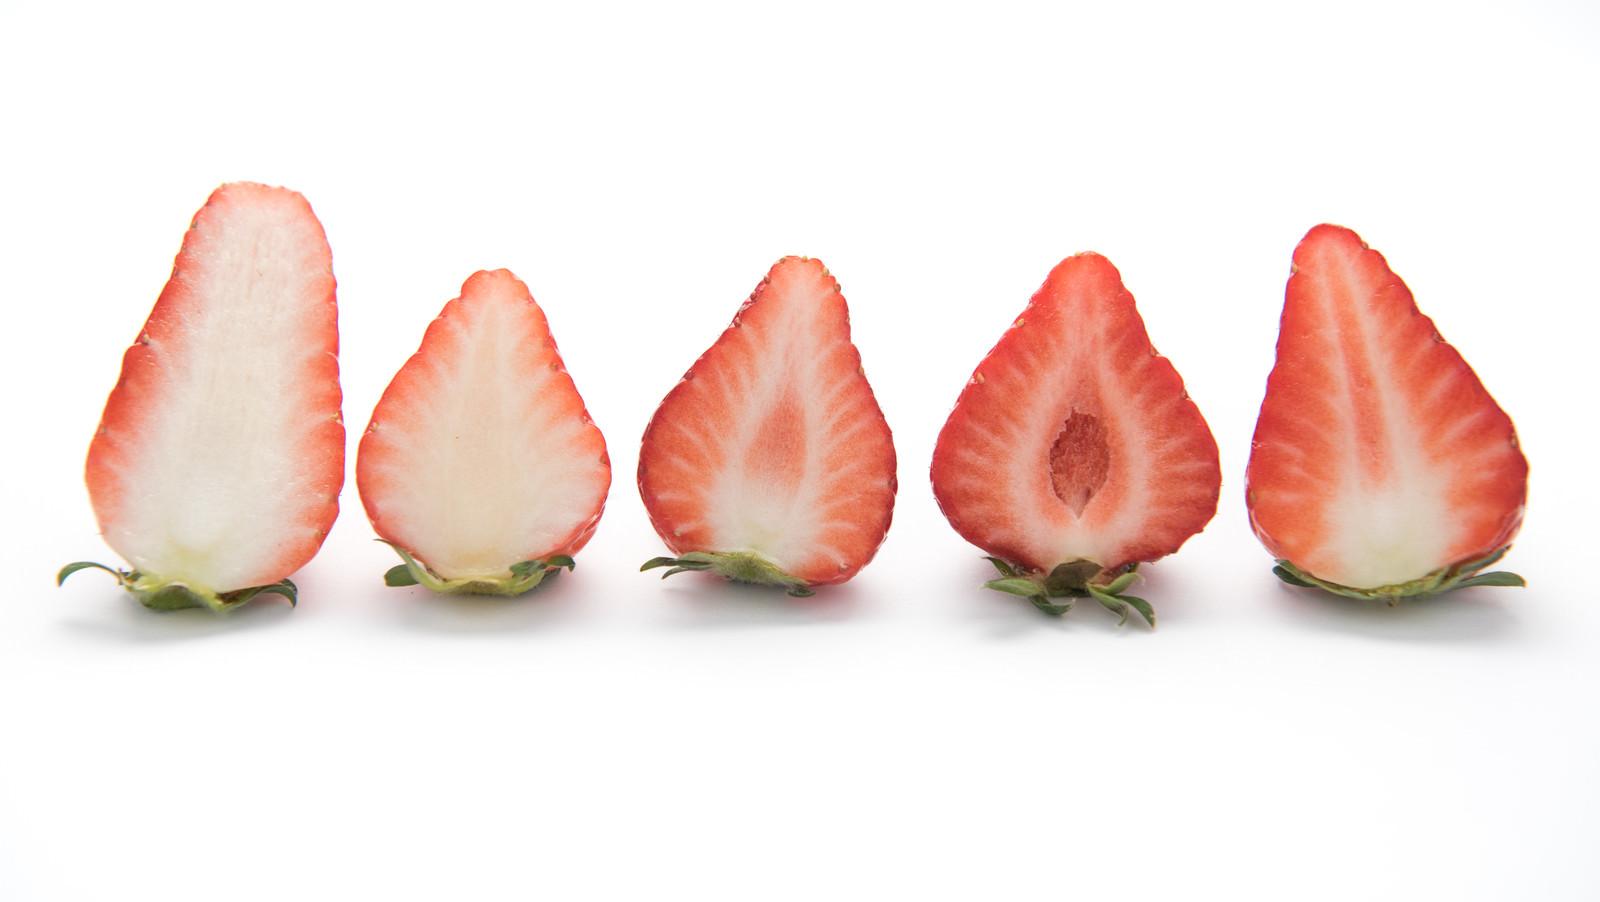 「品種が違う苺の断面」の写真